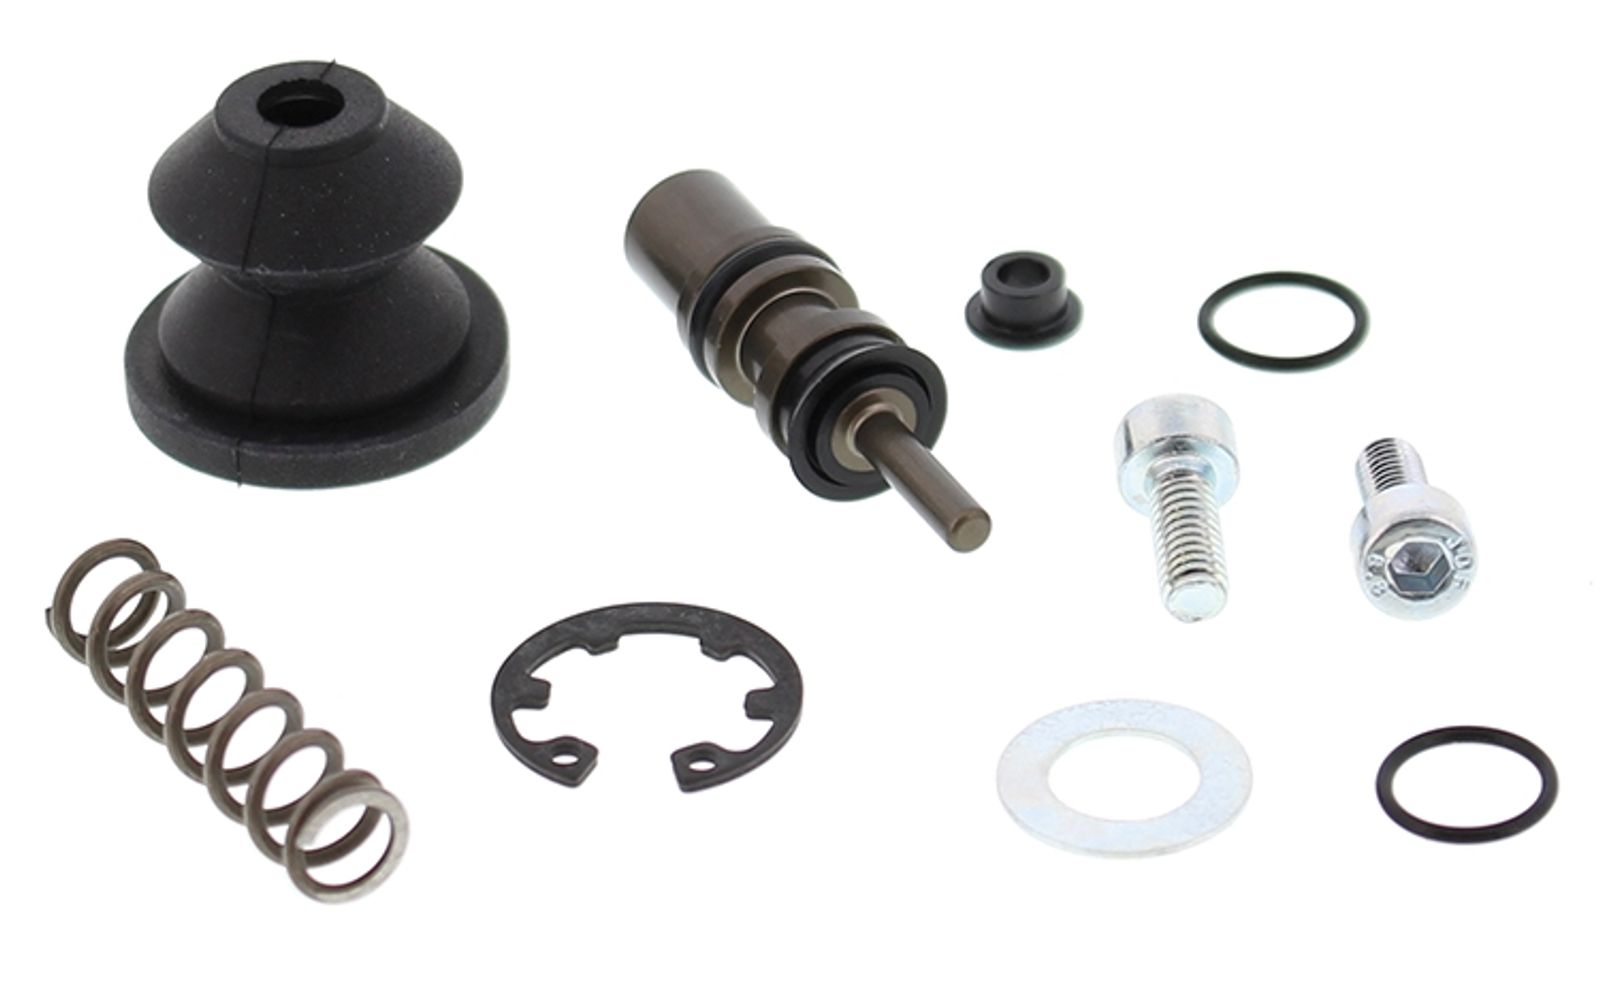 Wrp Master Cylinder Repair Kit - WRP181006 image